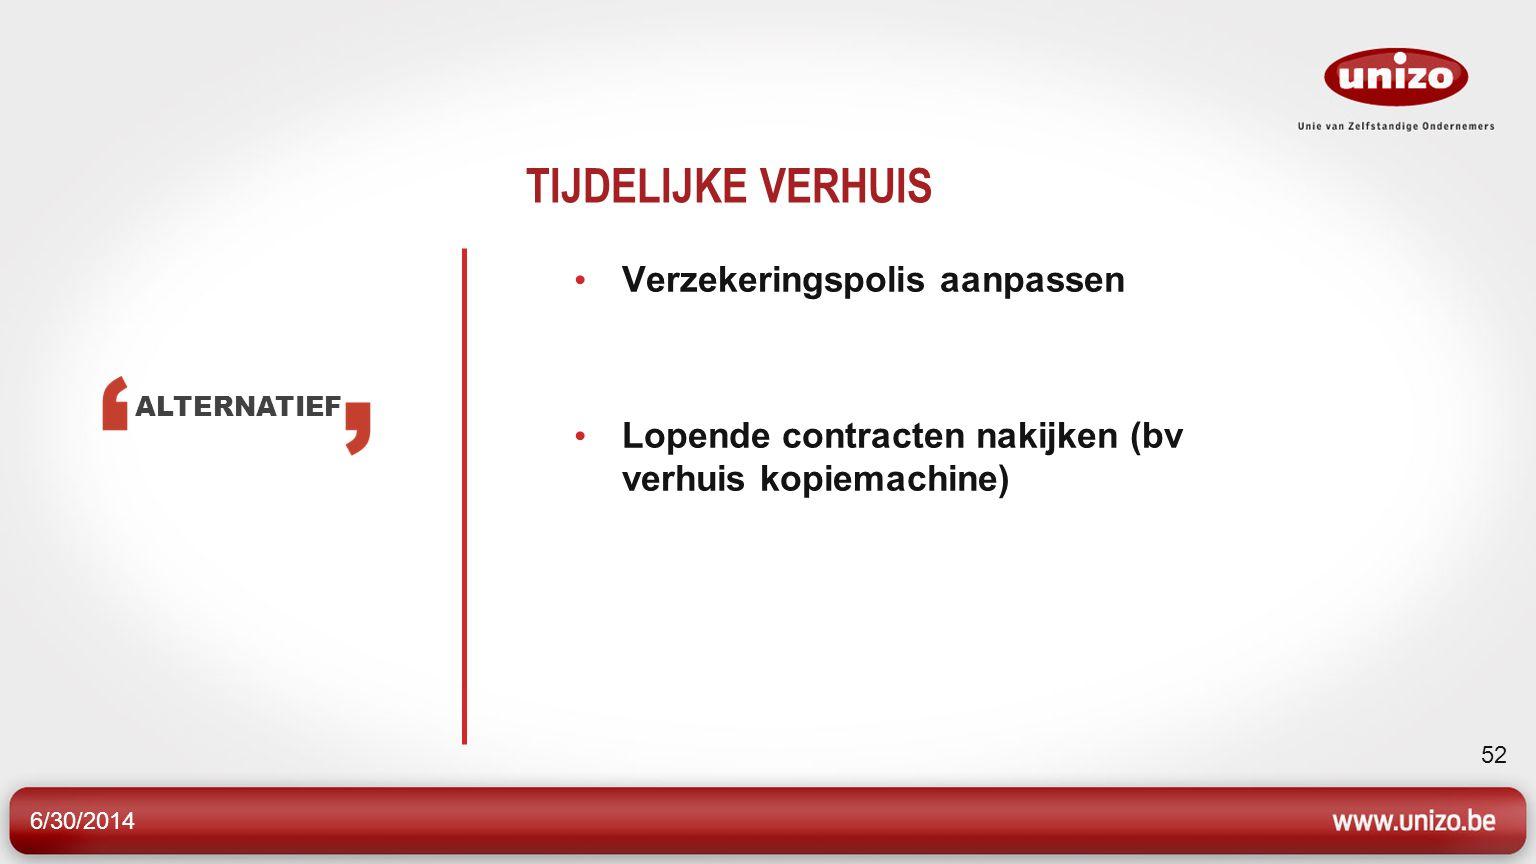 6/30/2014 52 TIJDELIJKE VERHUIS • Verzekeringspolis aanpassen • Lopende contracten nakijken (bv verhuis kopiemachine) ALTERNATIEF